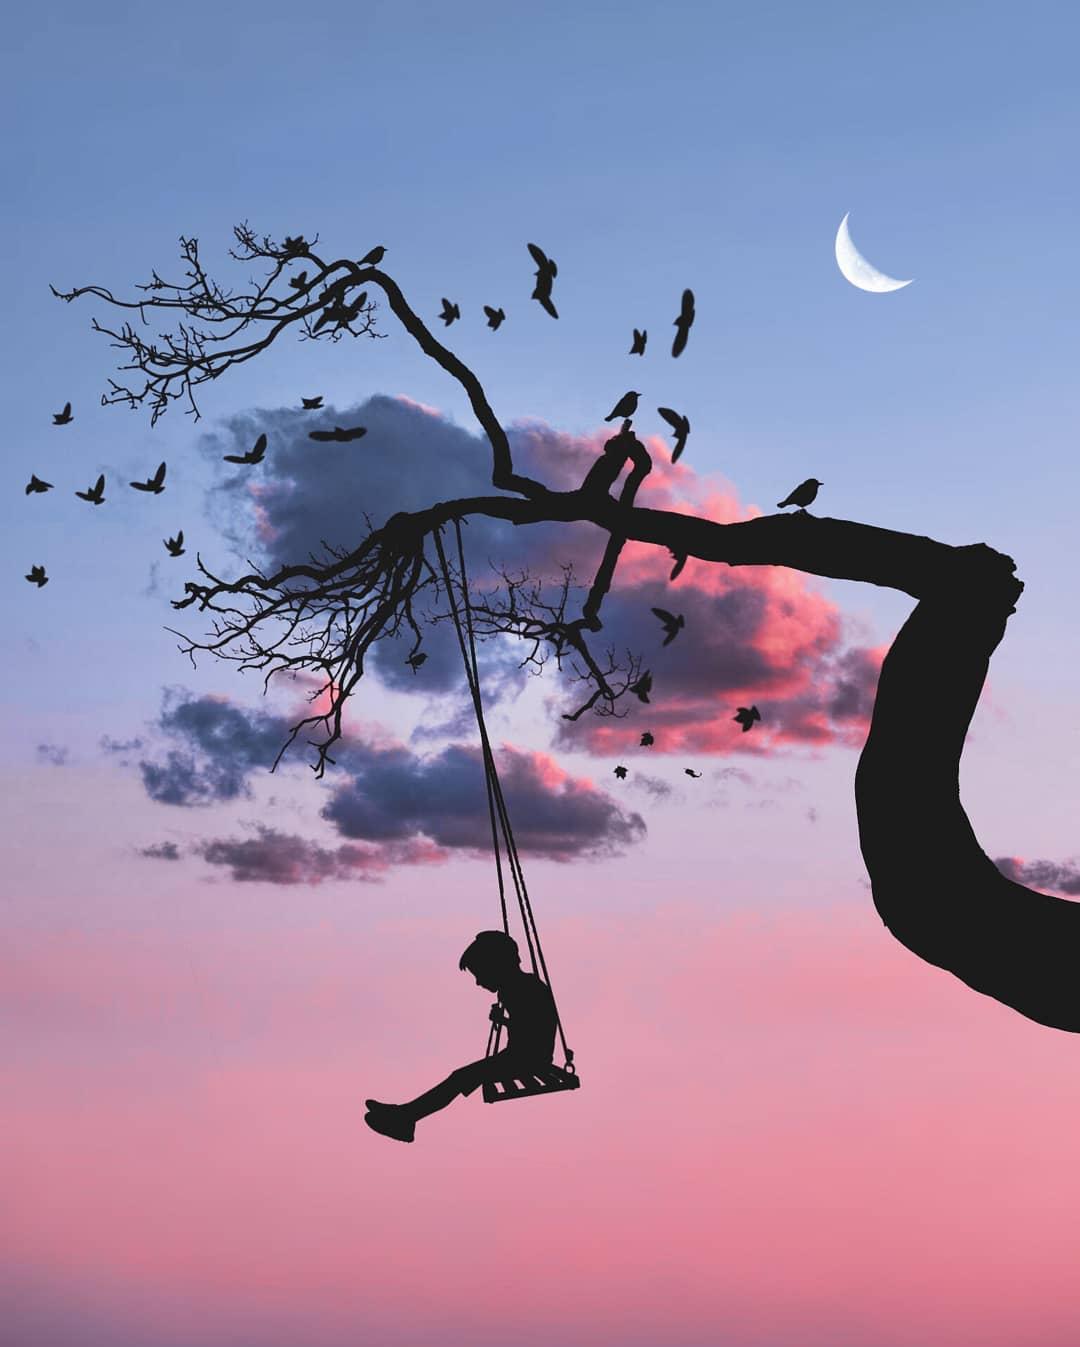 Сказочные фотоманипуляции от Абдуллы Эвиндара